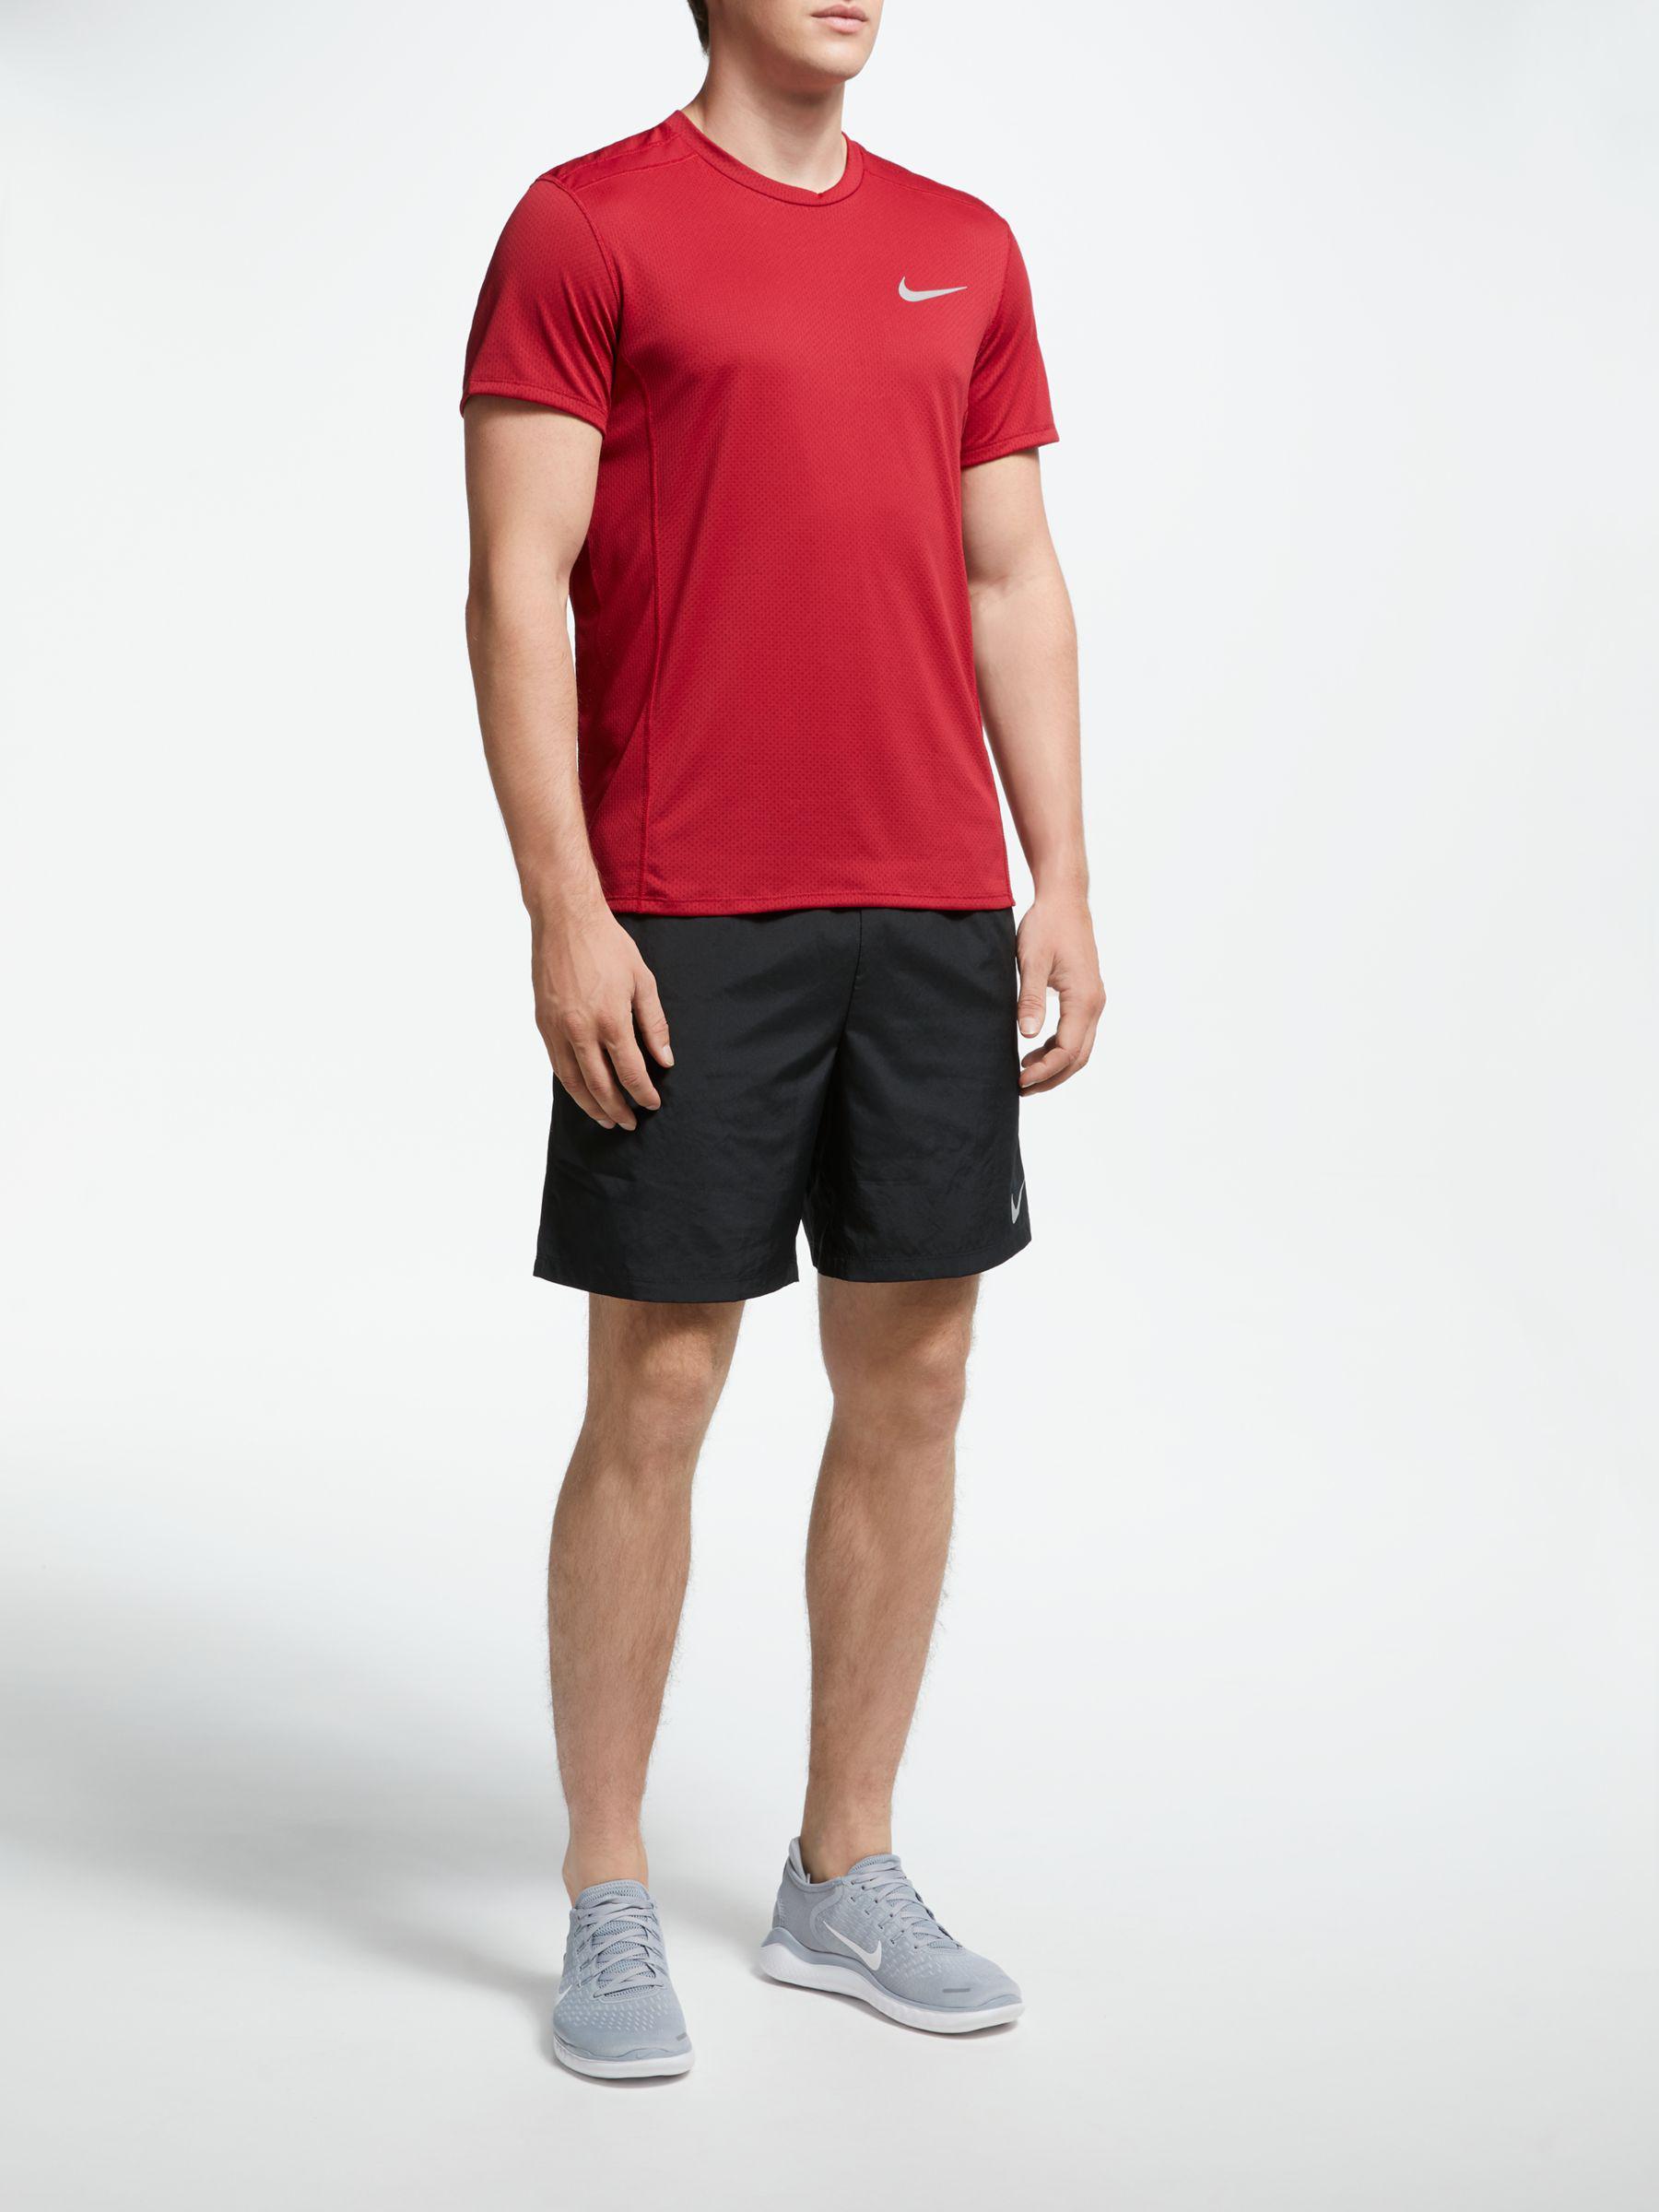 fdf7425daad7 Nike Flex Stride 5